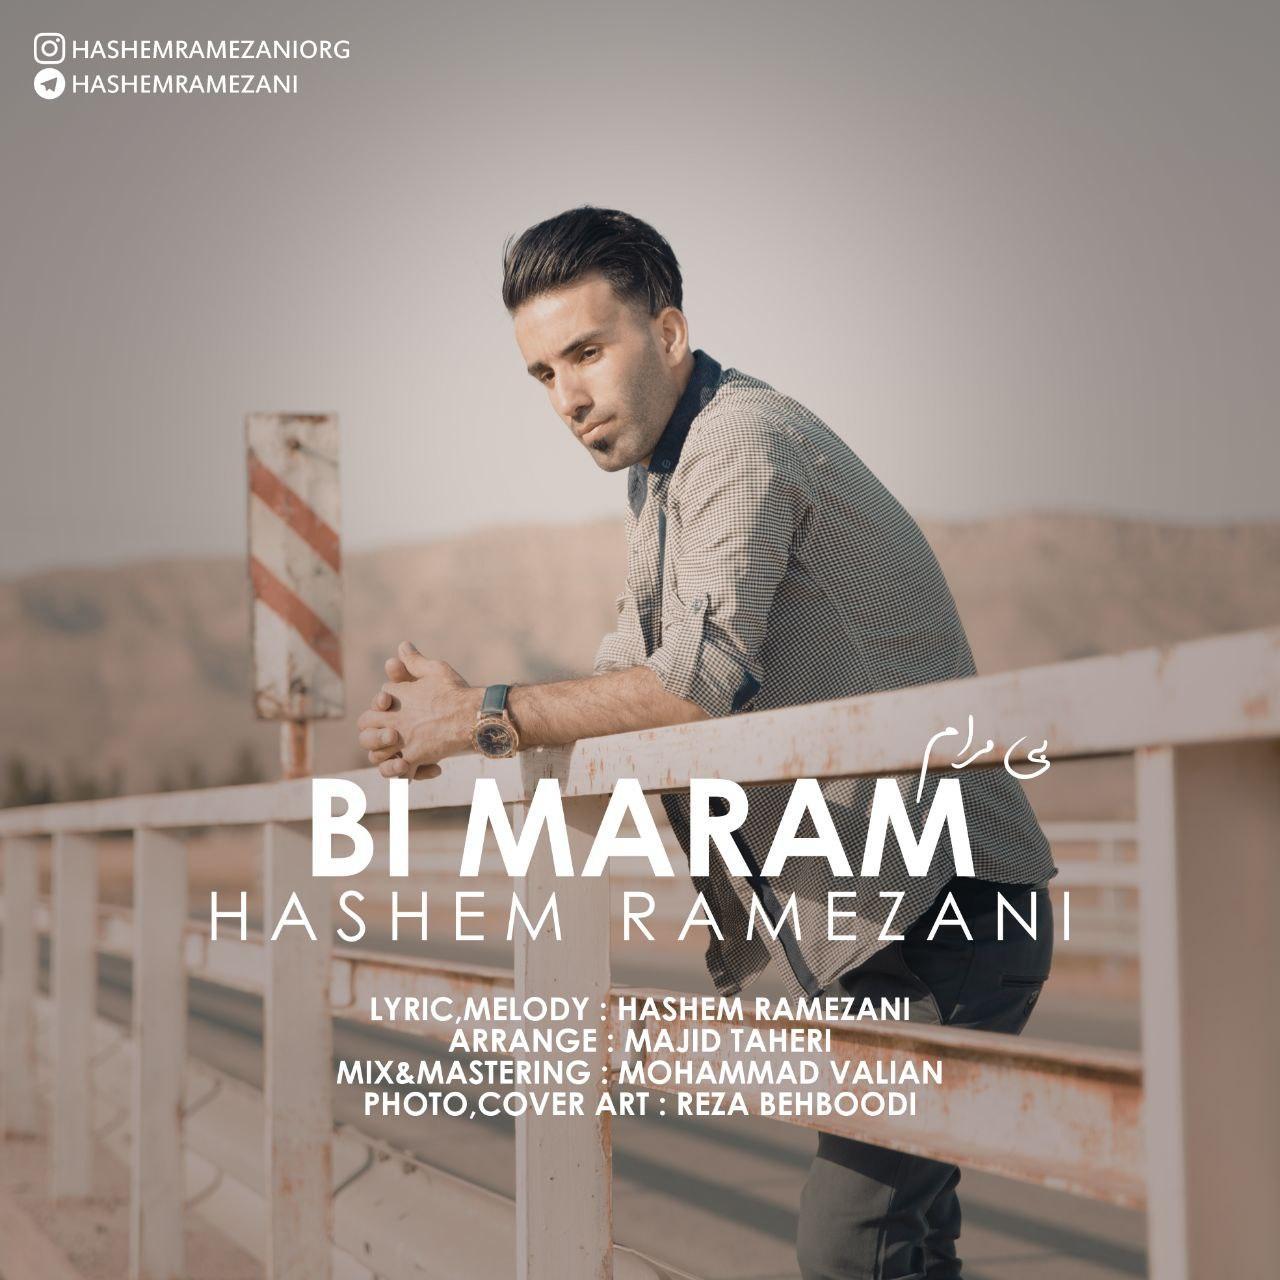 دانلود اهنگ هاشم رمضانی بی مرام